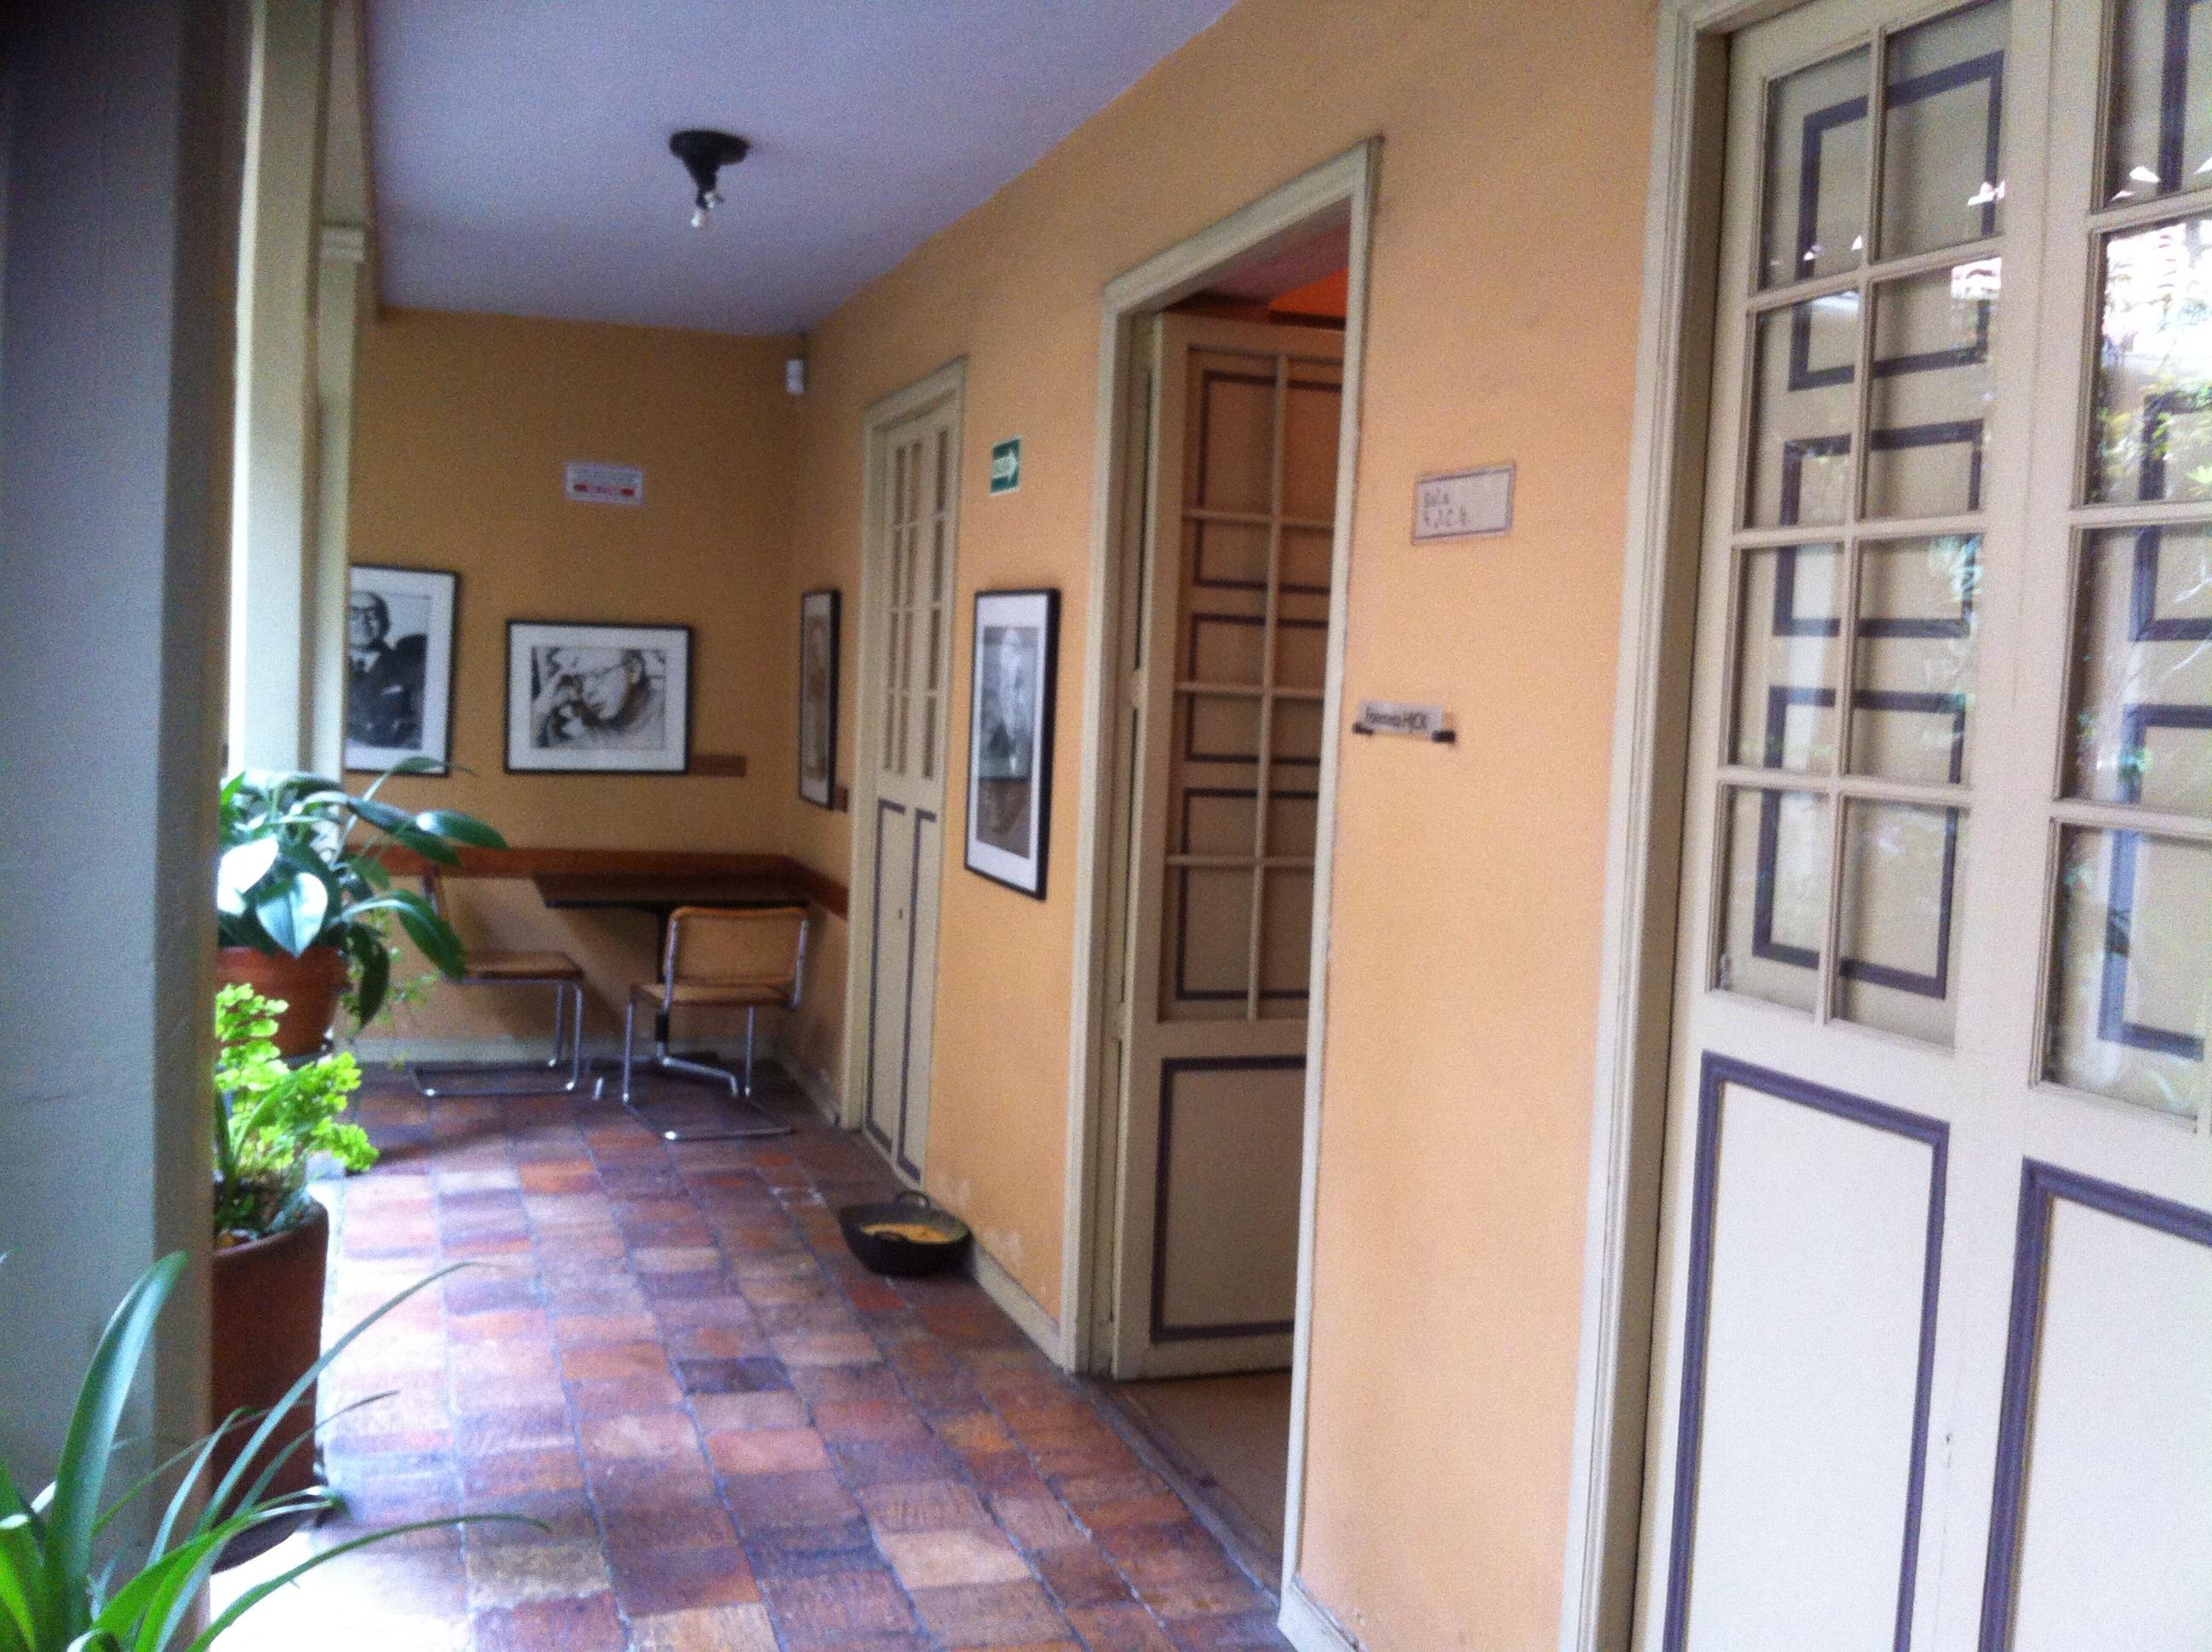 Casa de Poesía Silva, entrada a la fonoteca HJCK